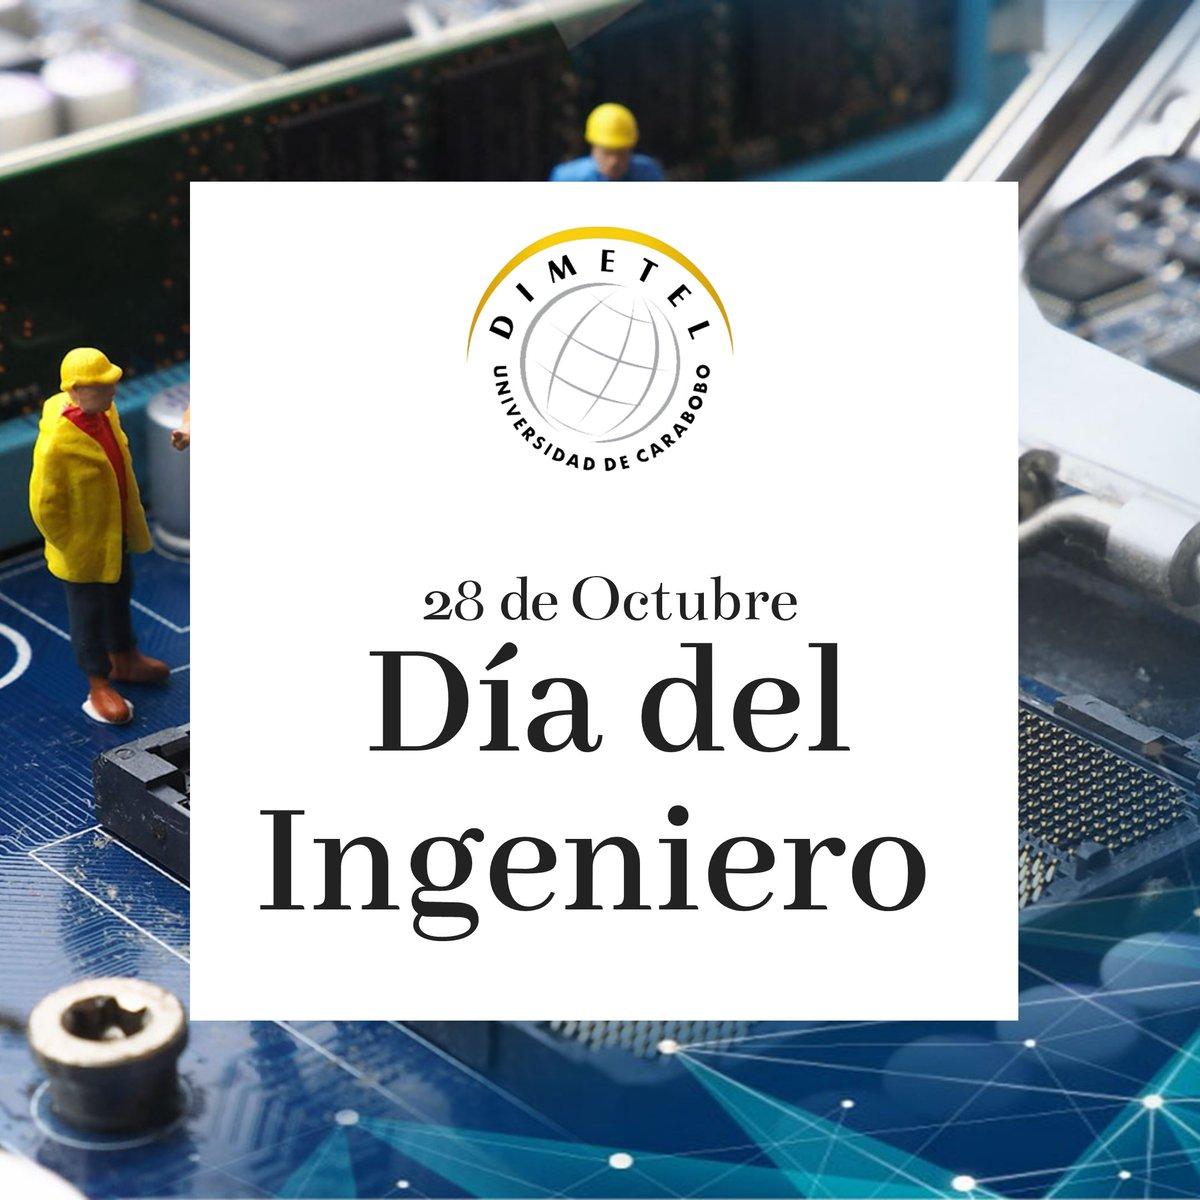 Hoy queremos felicitar a los ingenieros en su día, quienes son pieza fundamental en la construcción del  país. Desde la DIMETEL queremos reconocer especialmente la labor de todos los profesionales de la Ingeniería que forman parte de la @UCarabobo. #DiaDelIngeniero https://t.co/ajxrRGuP5v